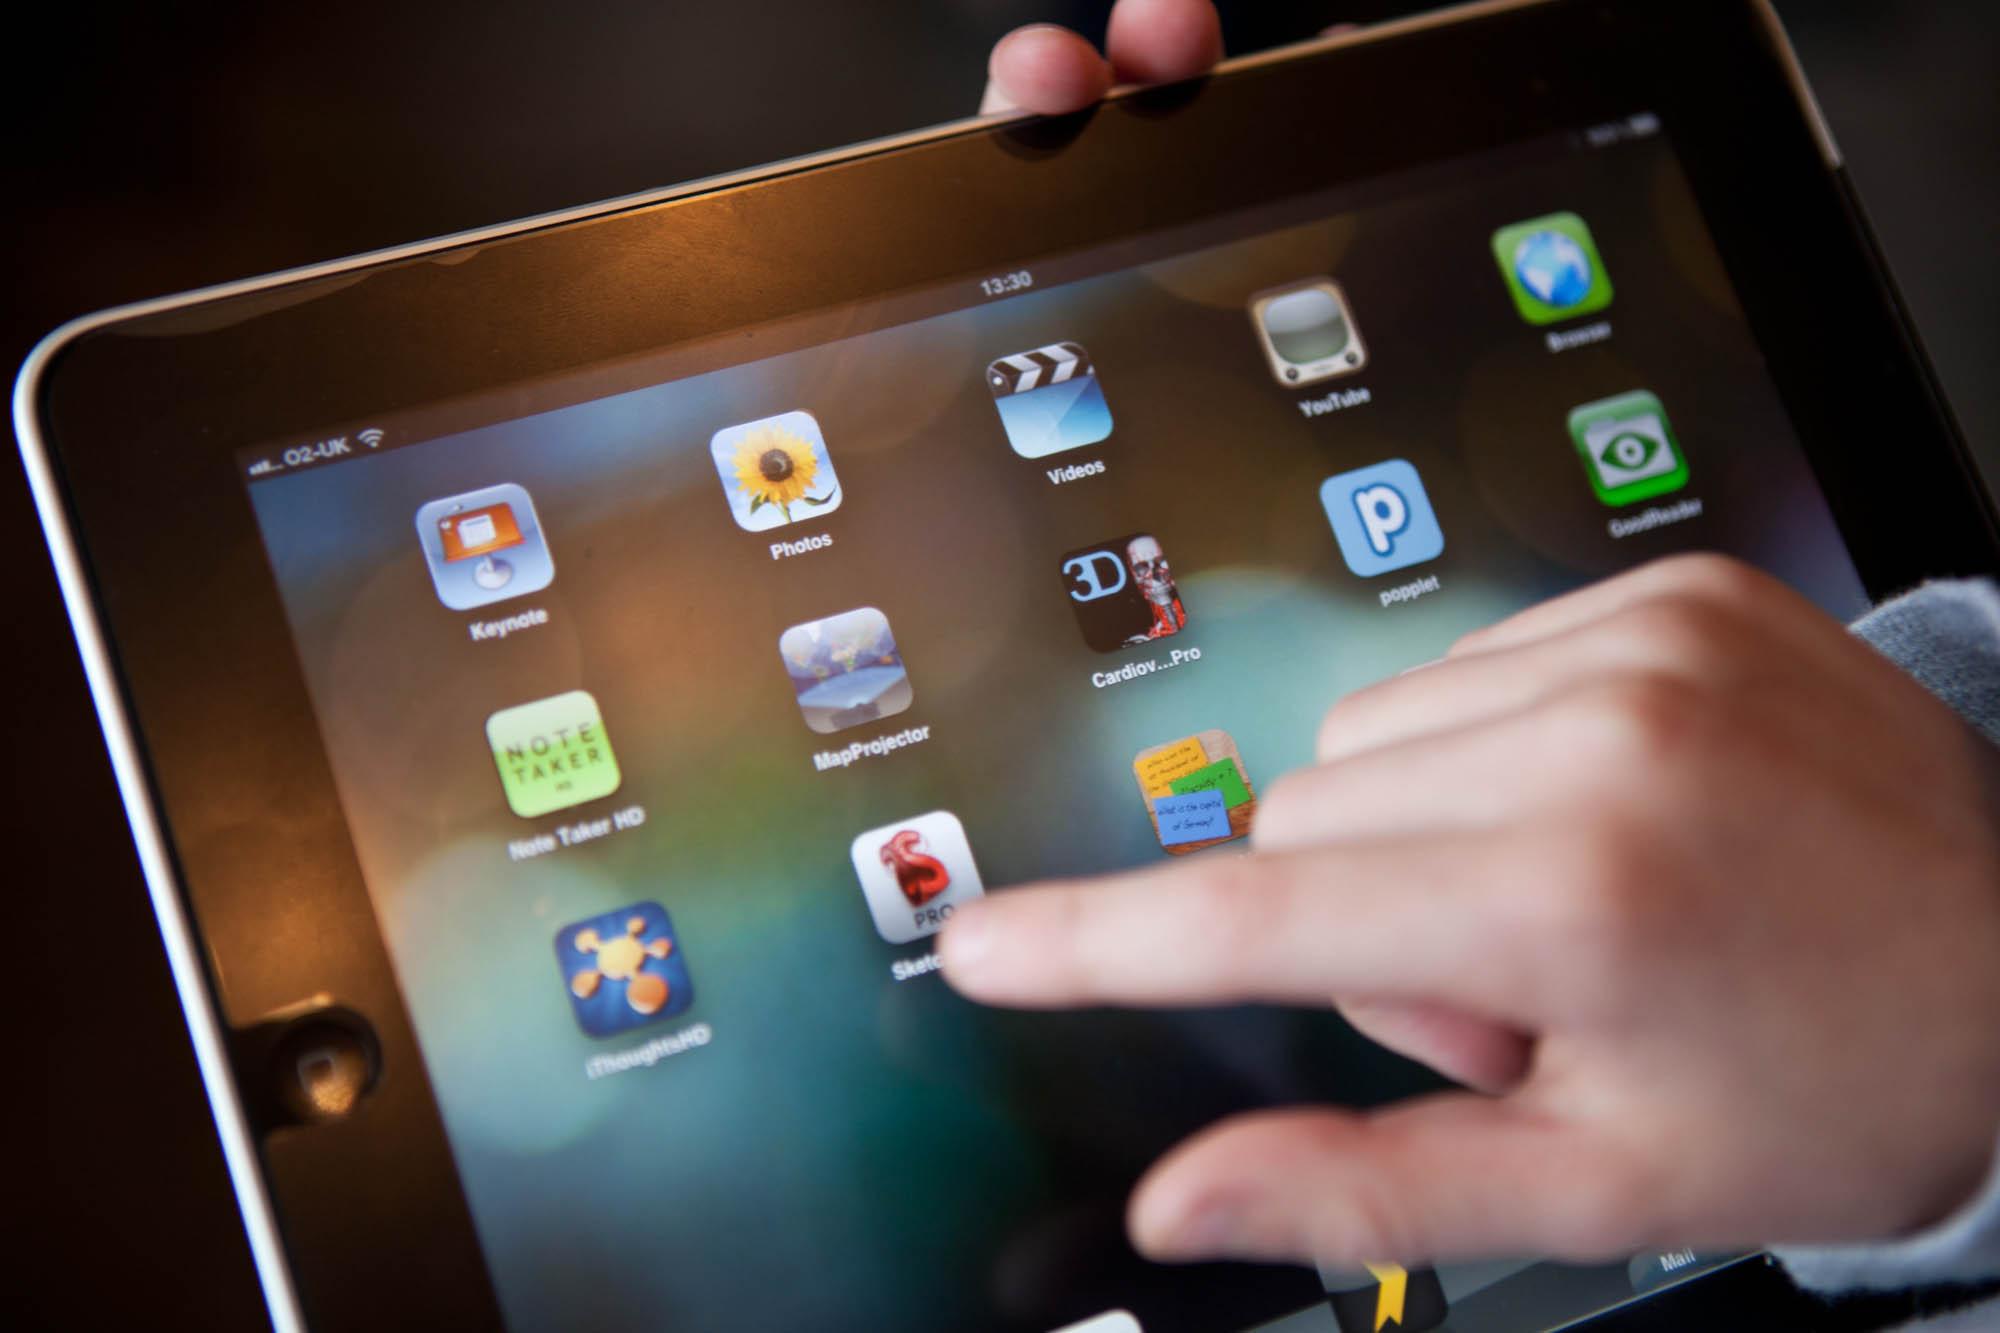 10 лучших iPad-приложений для дизайнеров и творческих людей